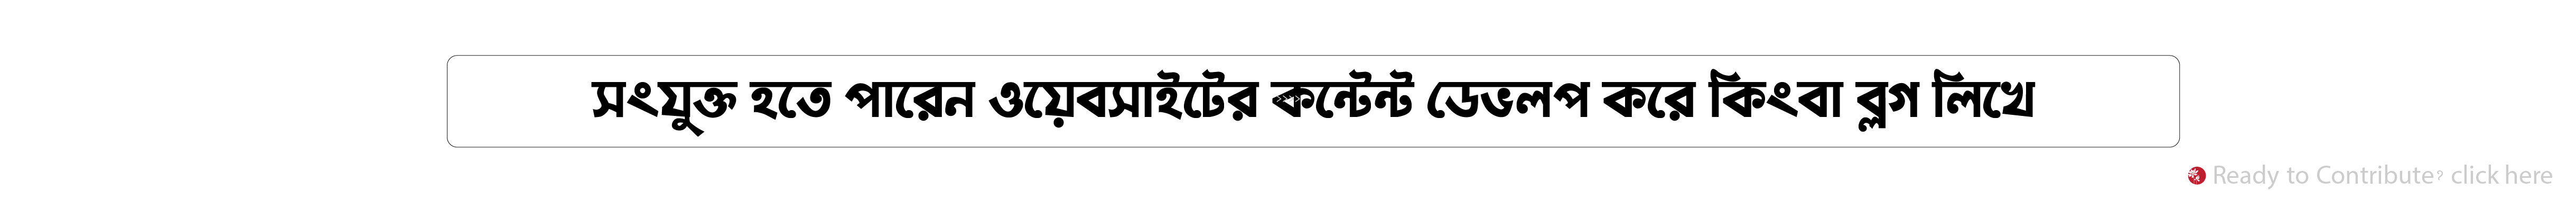 """""""বাংলাদেশ ফ্যাশন আর্কাইভ"""" প্লাটফর্ম"""